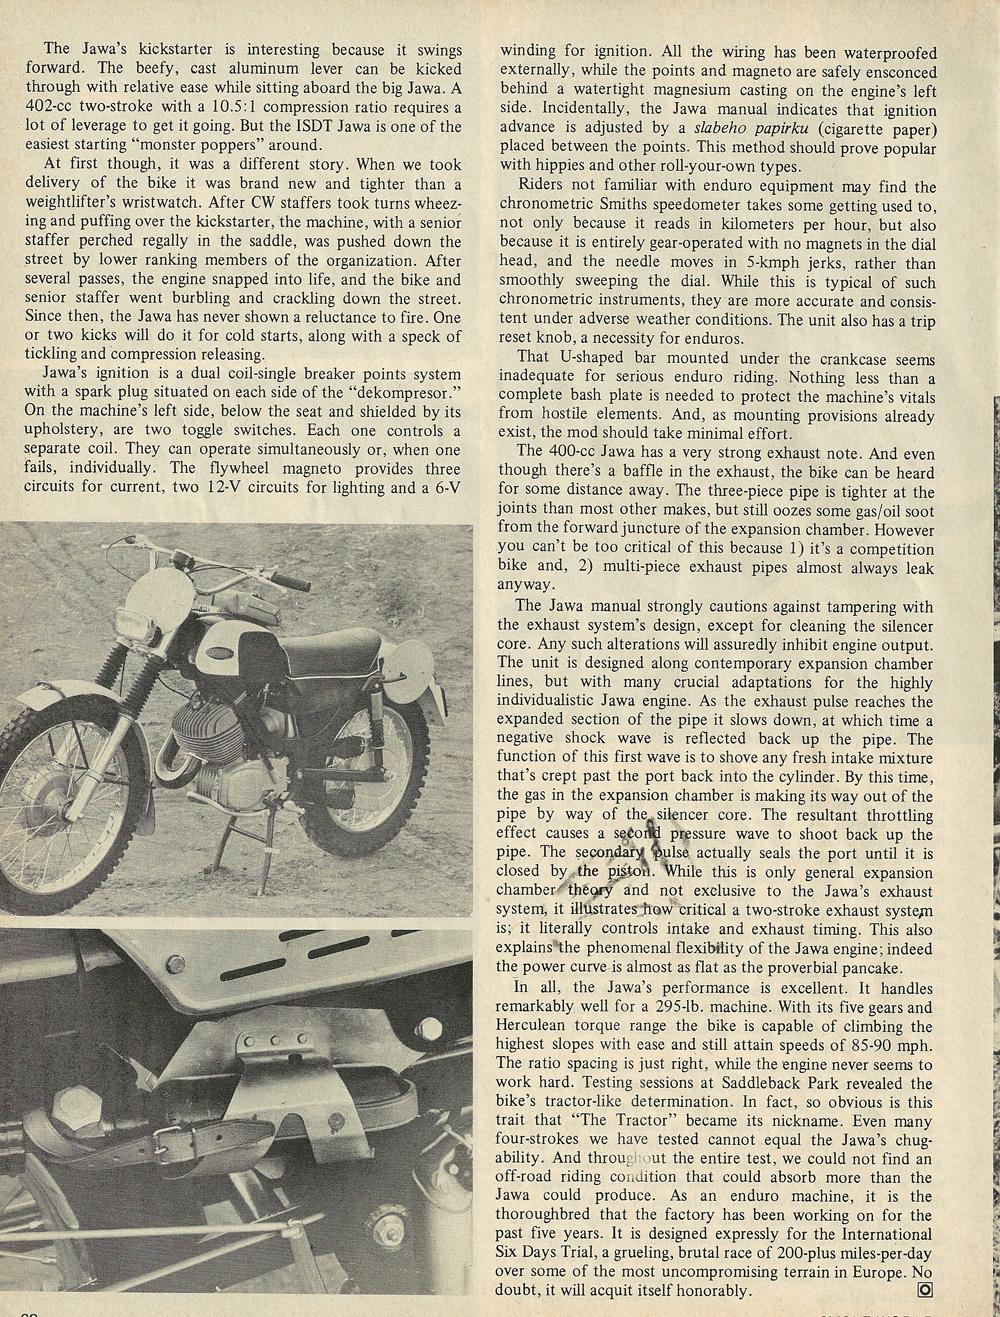 1969 Jawa 402cc Gelandesport road test 3.jpg